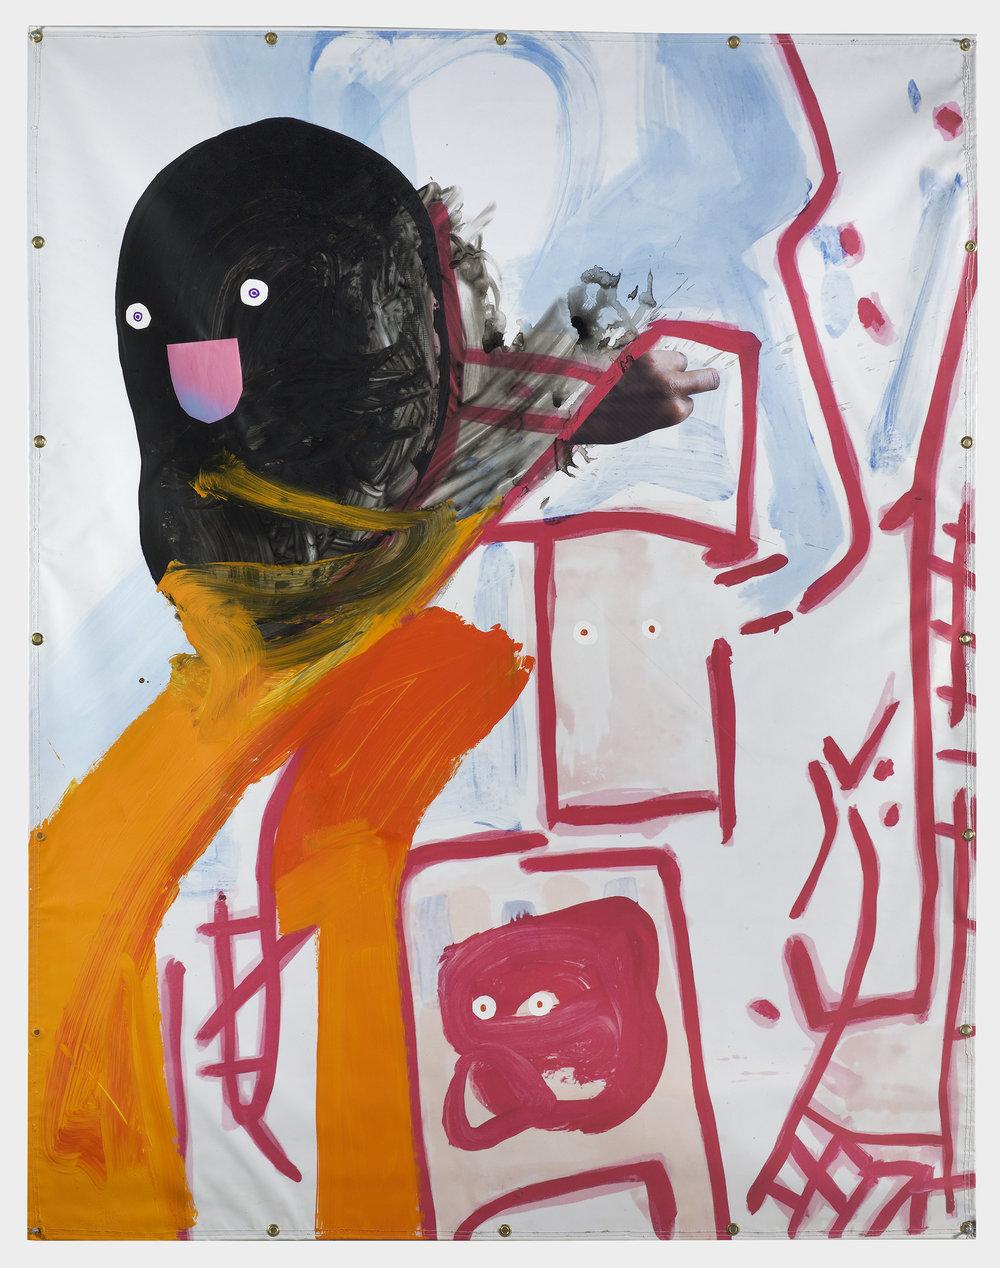 David Humphrey,  Friends,  2018, acrylic on printed vinyl, 77h x 60w in.